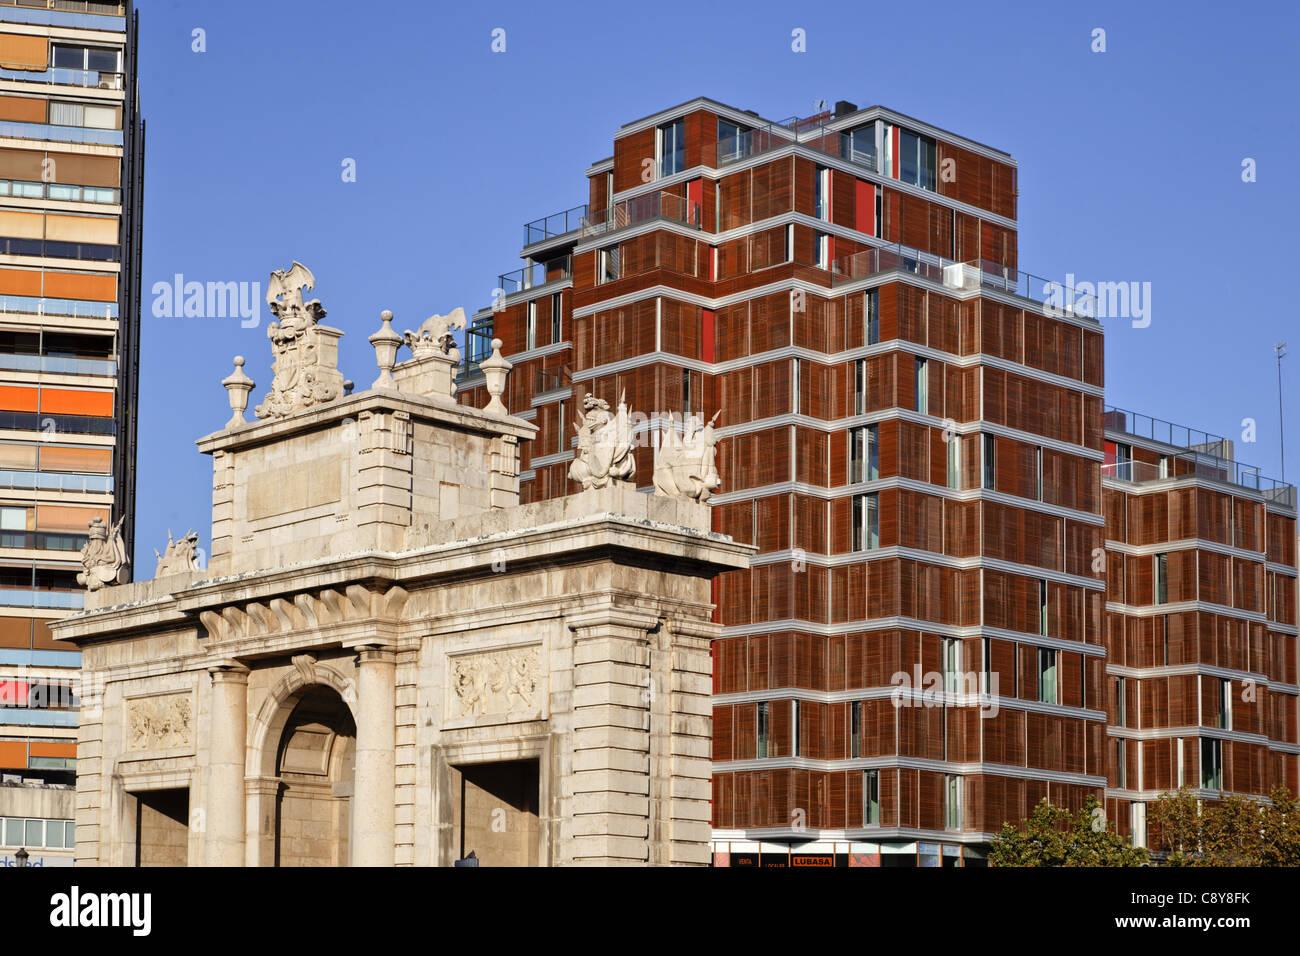 Modern Architecture Real Estate plaza porta del mar, modern architecture, real estate, valencia